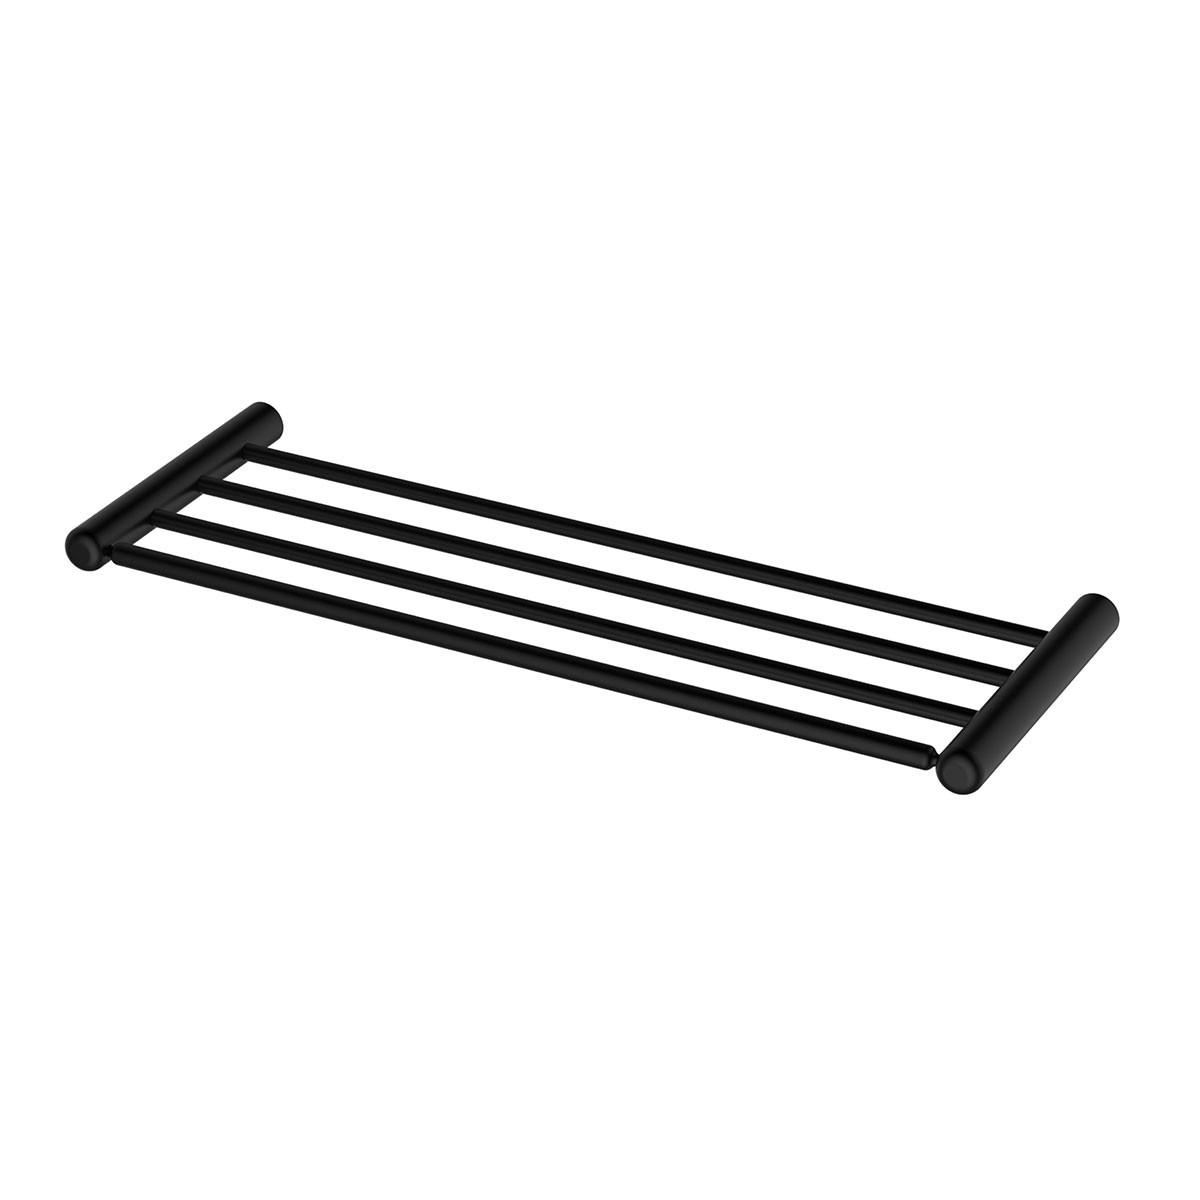 Towel Shelf  23.6 Inch - Matte Black Stainless Steel (OD80612B)